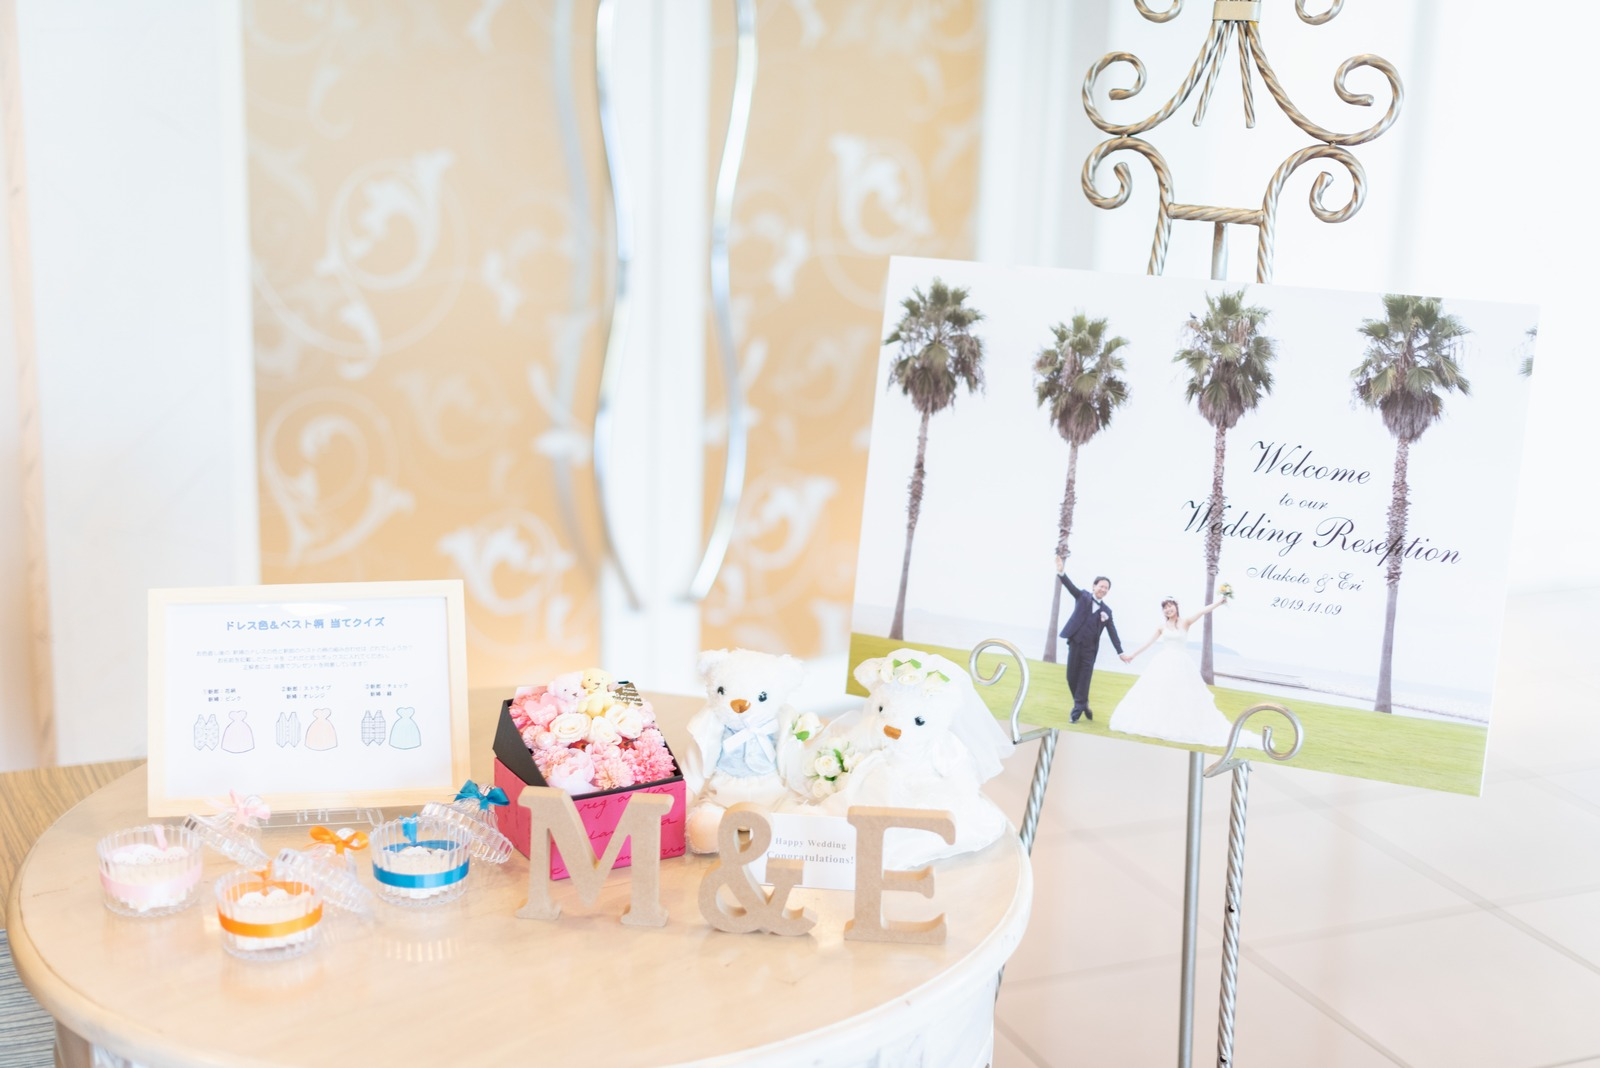 香川県の結婚式場のシェルエメール&アイスタイルのウェルカムスペース